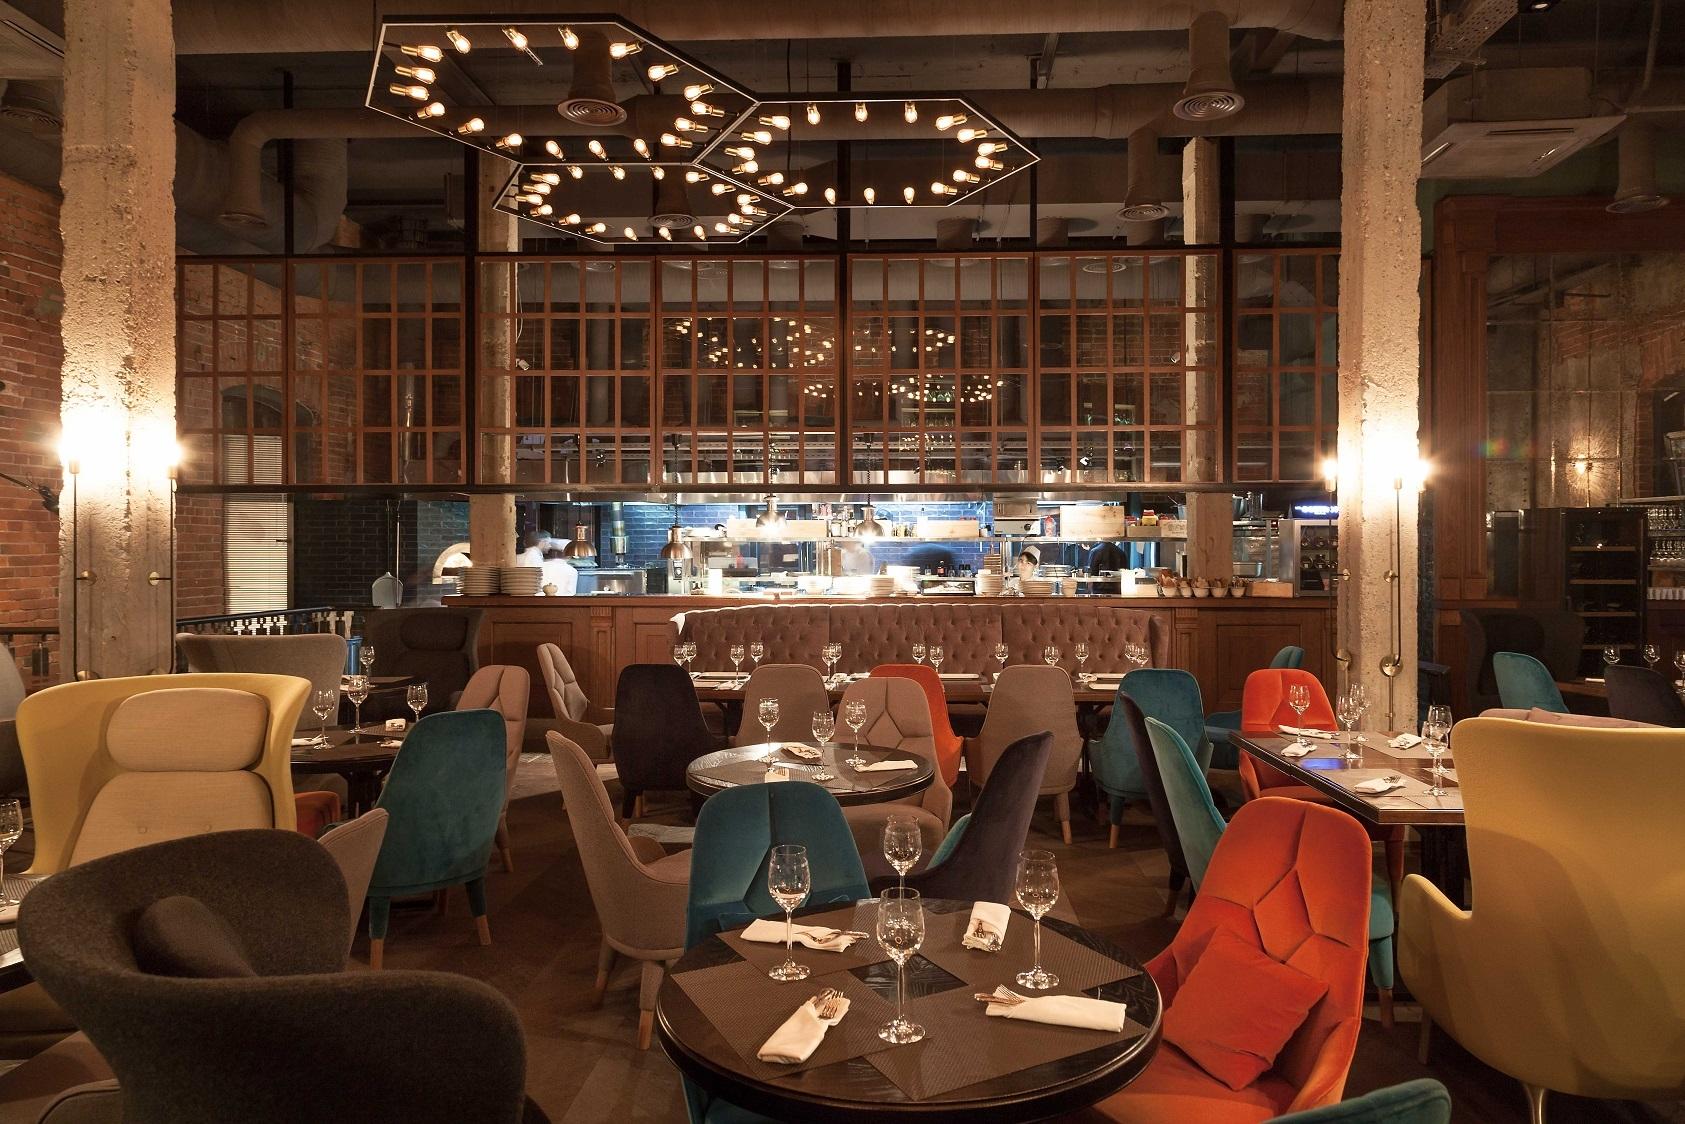 Сеск жесть в ресторане фото 9 фотография